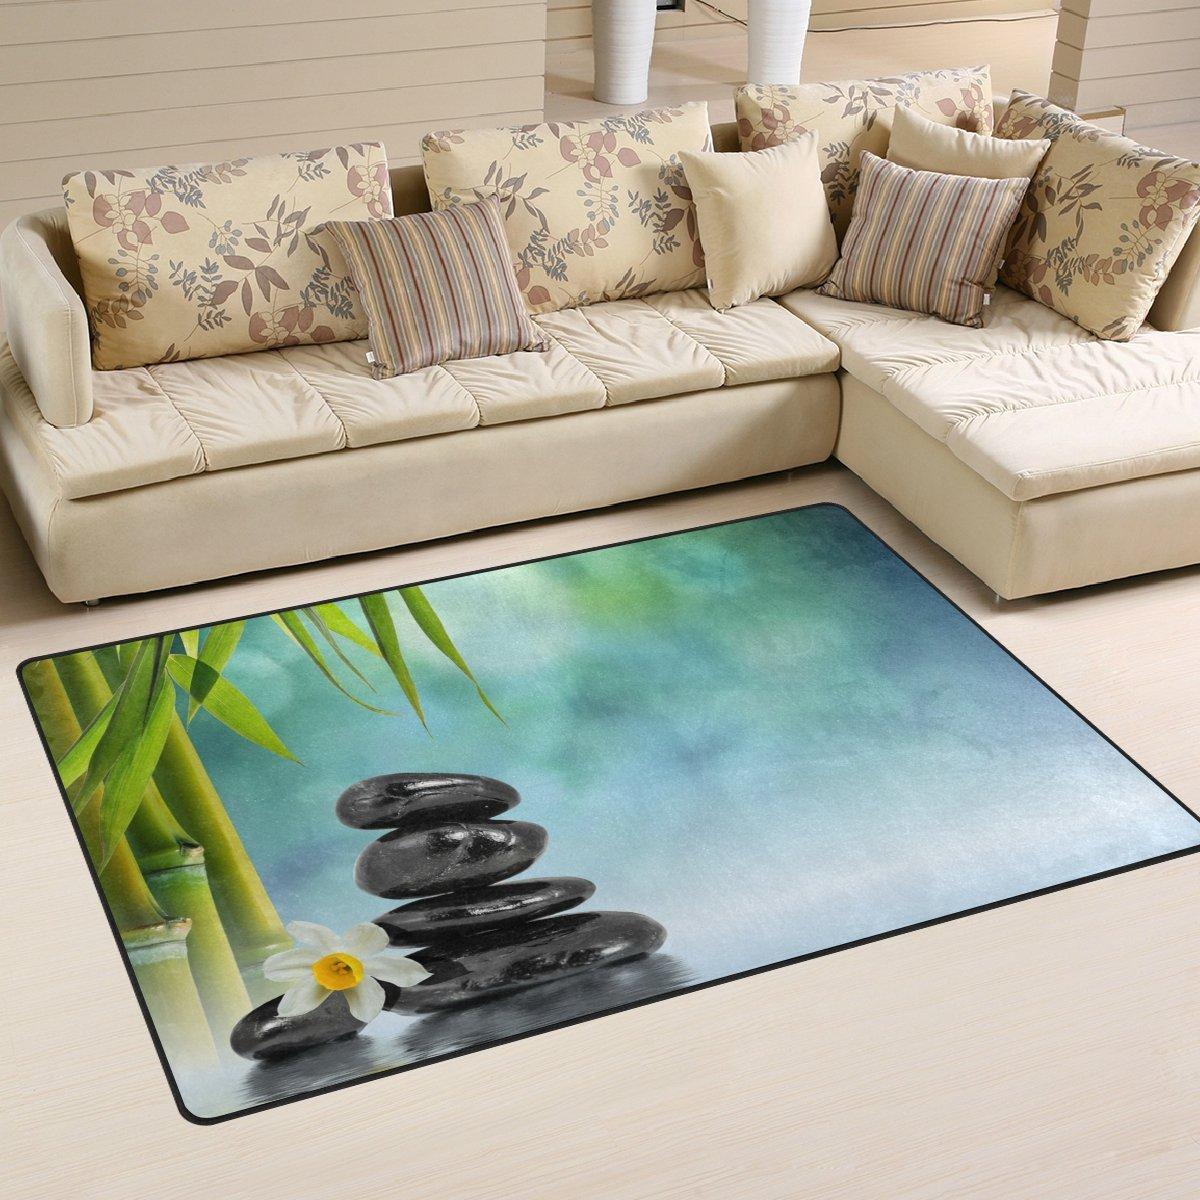 WellLee Area Rug,Zen Stones Bamboo Water Floor Rug Non-slip Doormat for Living Dining Dorm Room Bedroom Decor 60x39 Inch